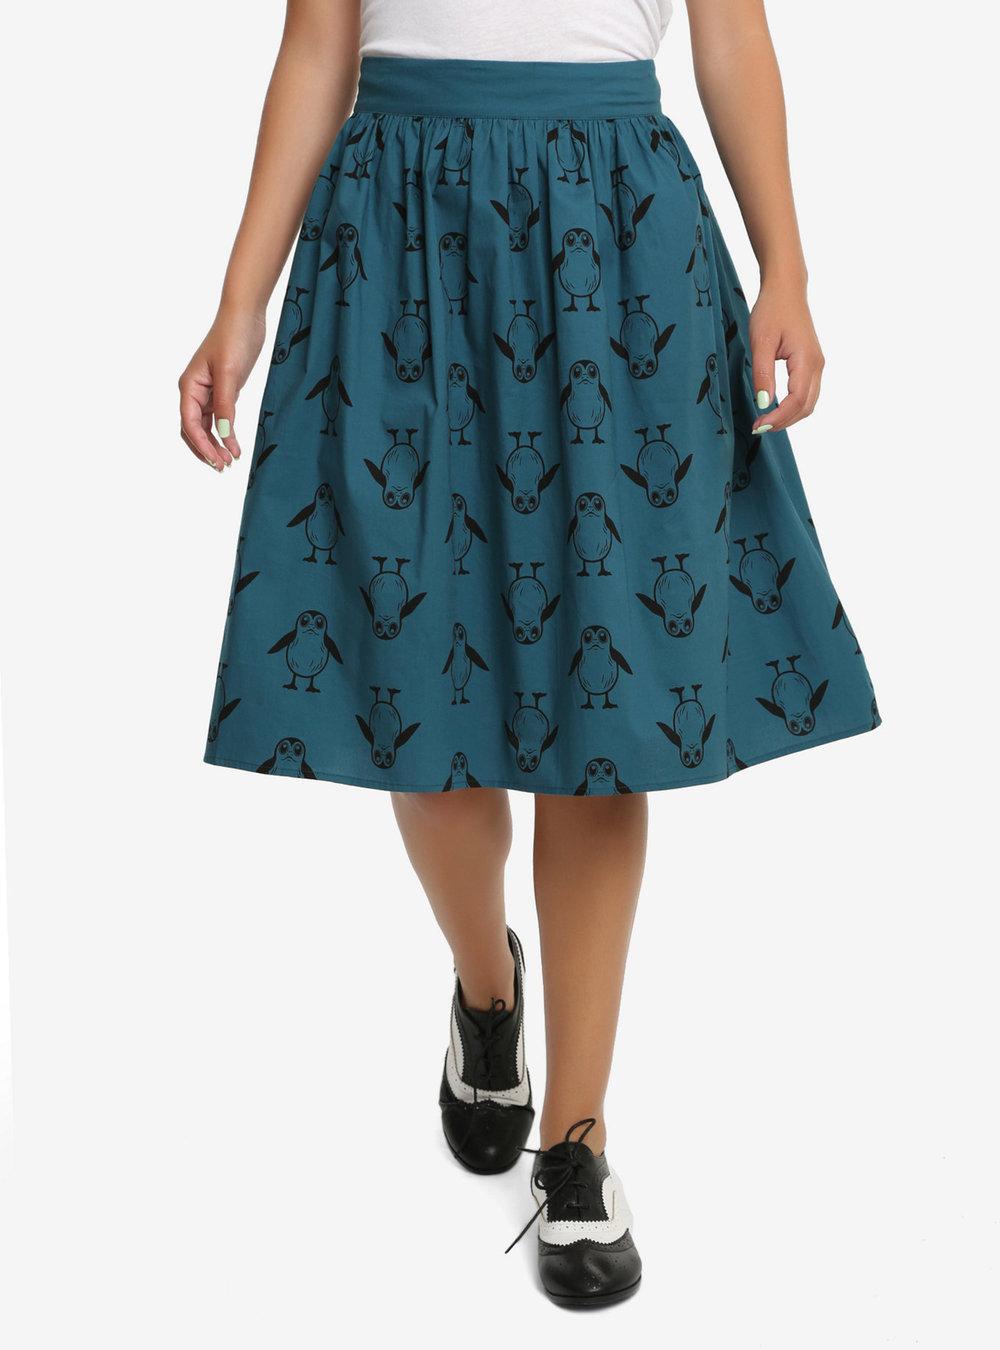 porg skirt.jpeg